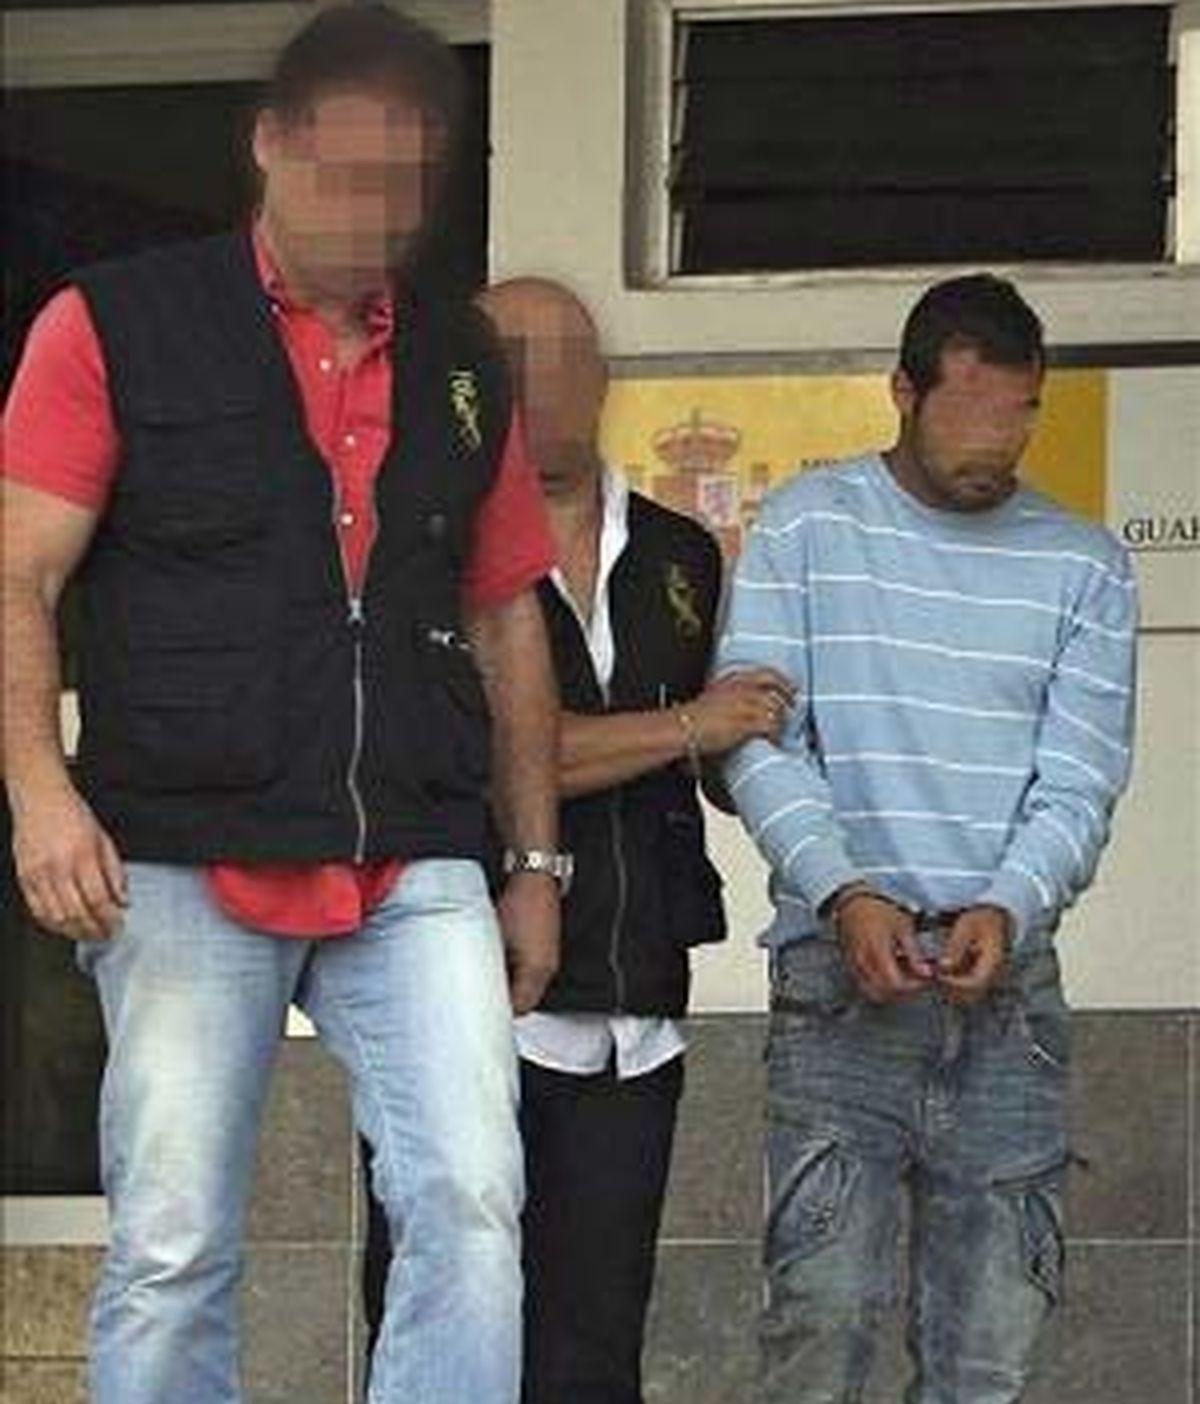 Agentes policiales escoltan al novio de la madre de la niña antes de ser puesto a disposición judicial en los juzgados de Arona. EFE